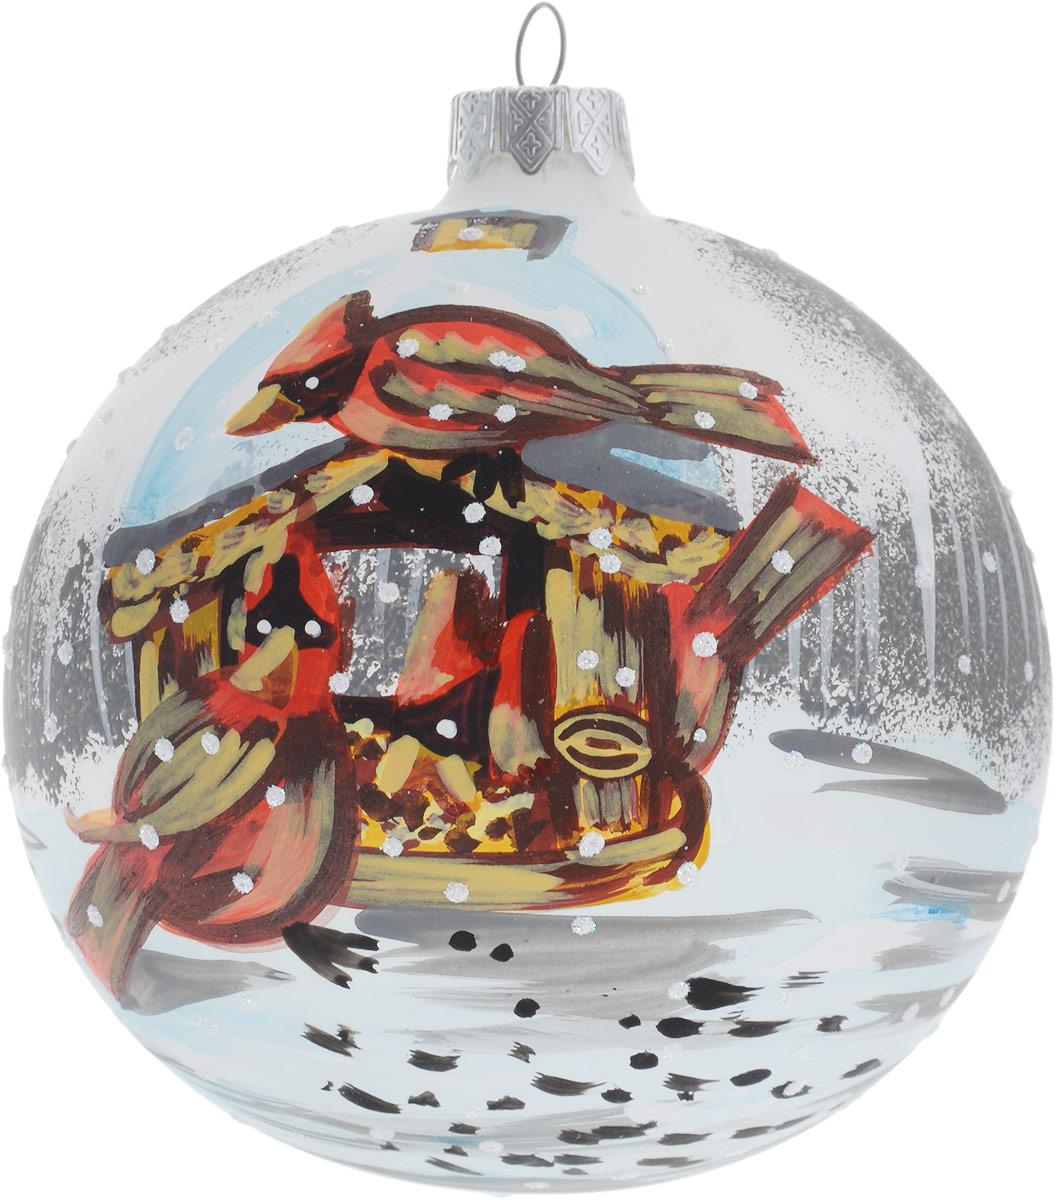 """Новогоднее подвесное украшение ручной работы """"Птицы у кормушки"""" отлично подойдет для декорации вашей новогодней ели. Изделие  подвешивается с помощью петельки.  Елочная игрушка - символ Нового года. Она несет в себе волшебство и красоту праздника. Такое  украшение создаст в вашем доме атмосферу праздника, веселья и радости. Изделие упаковано в подарочную упаковку.  Диаметр: 10 см"""